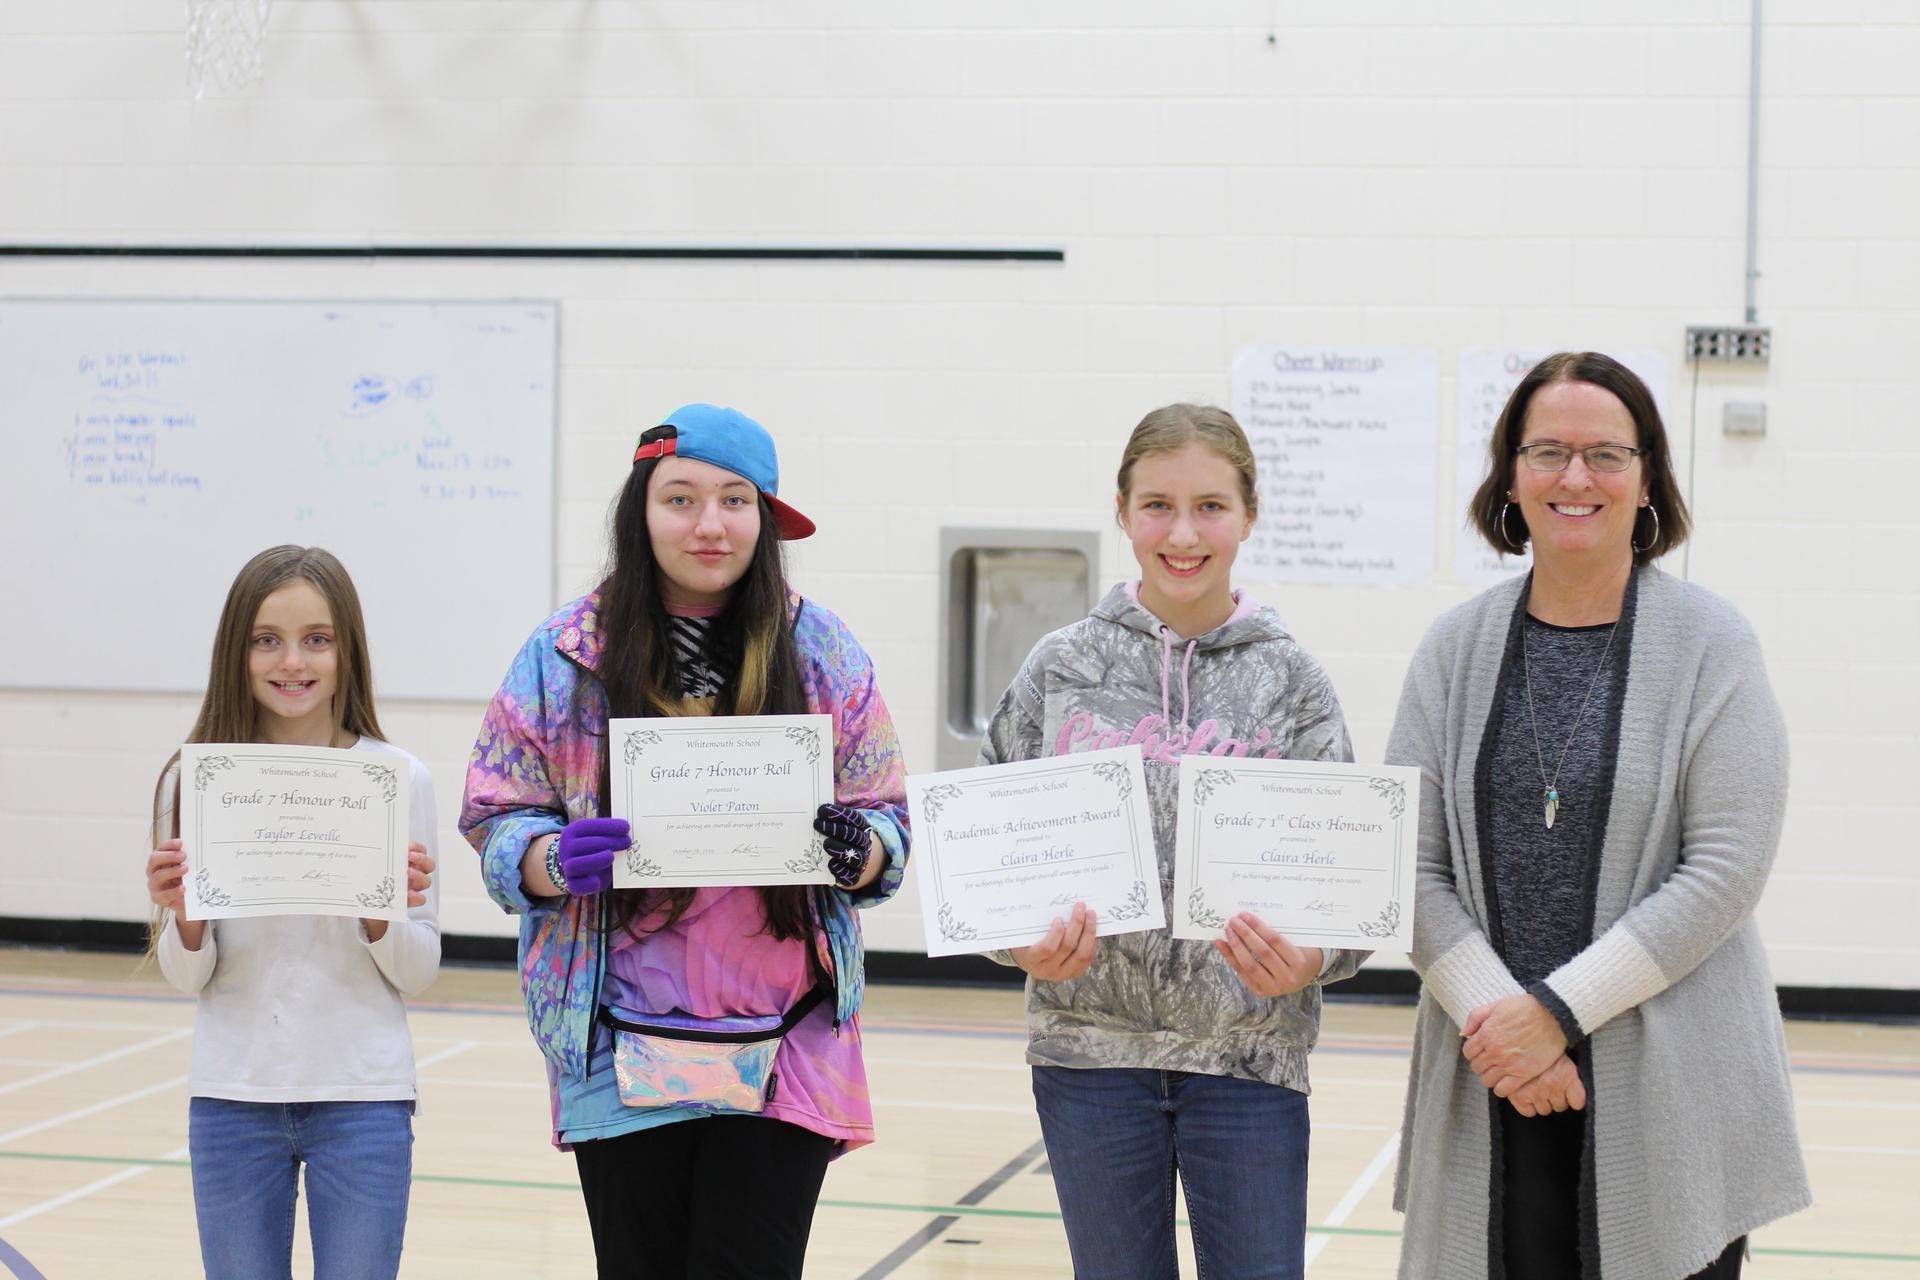 Grade 7 student awards